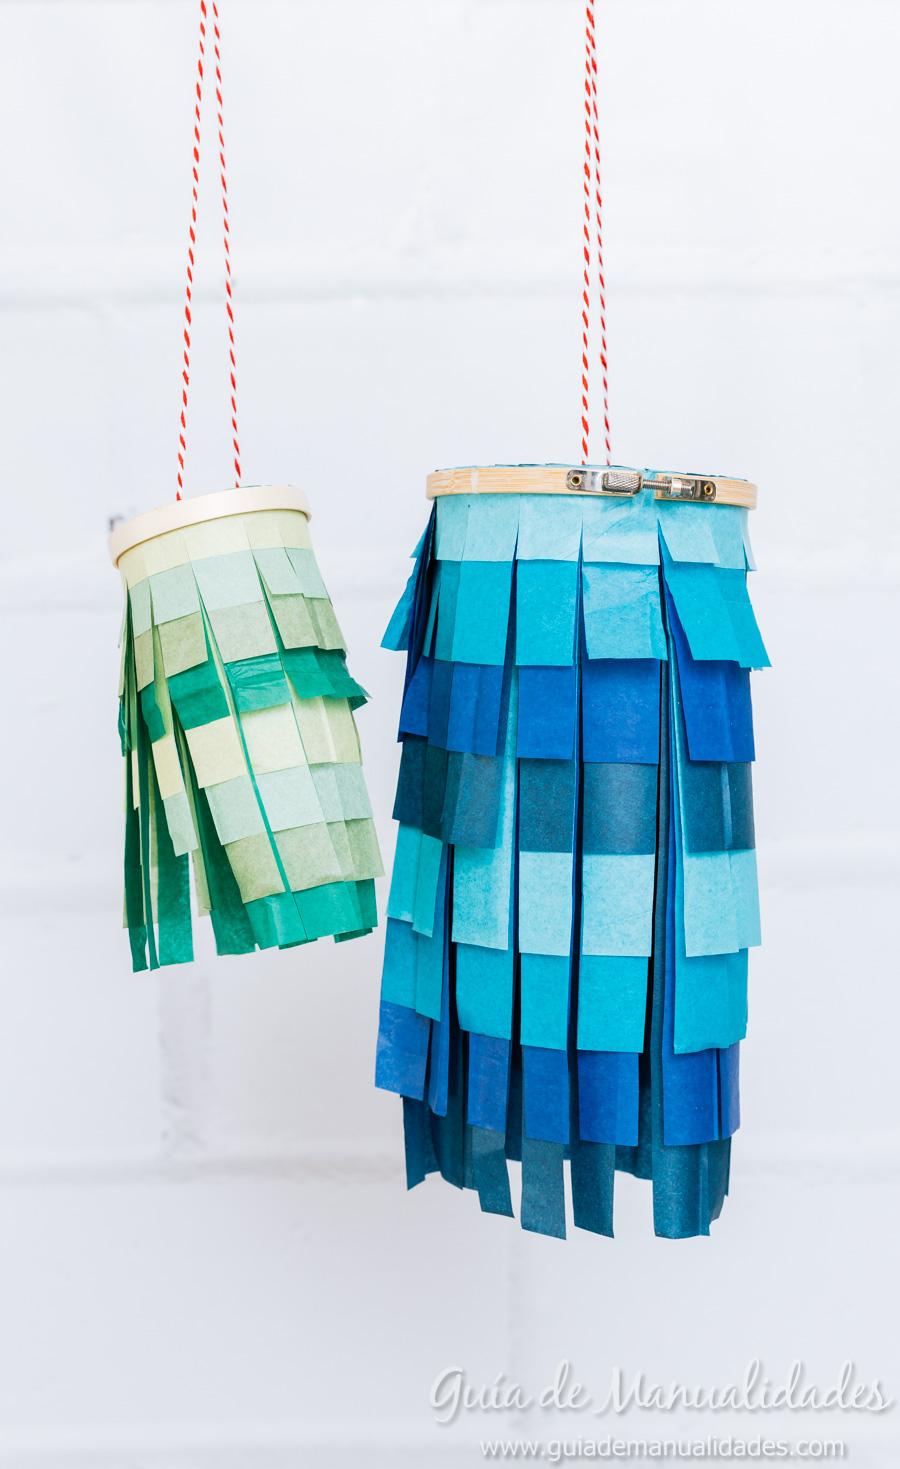 combinando bonitos colores de papel tissue o seda nuestra prxima fiesta o rincn especial de casa lucir increble lo mejor no se imaginan lo fciles que